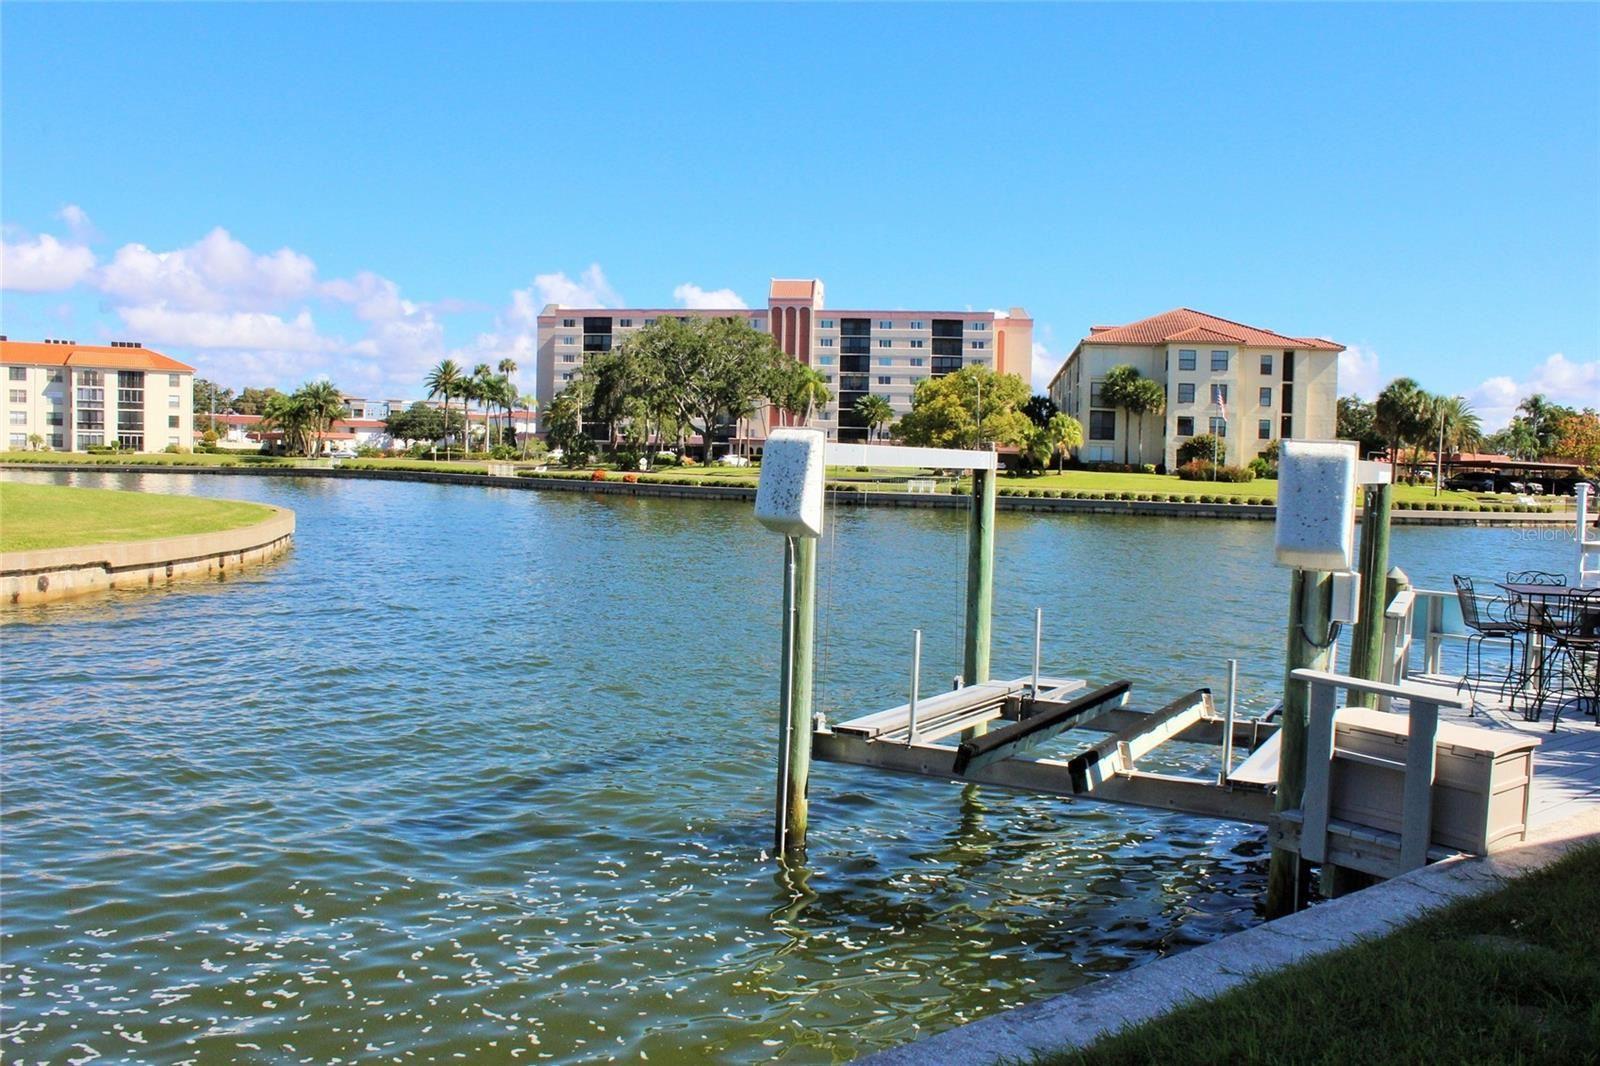 18675 US HIGHWAY 19 N #107, Clearwater, FL 33764 - #: U8140473